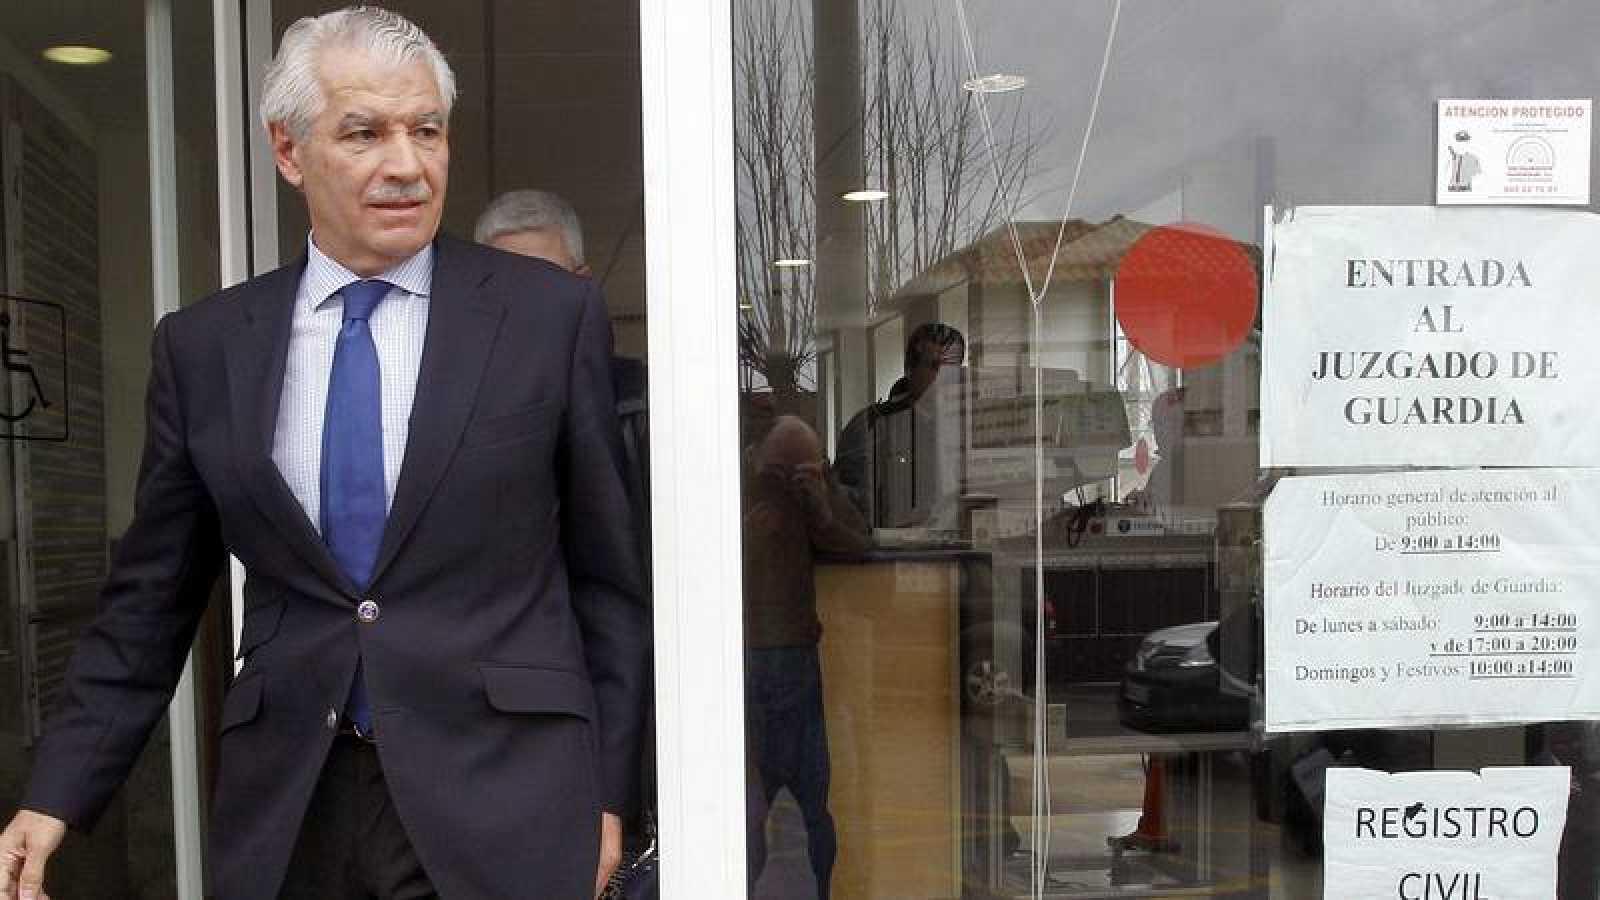 El expresidente del Racing Francisco Pernía, a su salida de un juzgado en 2015.